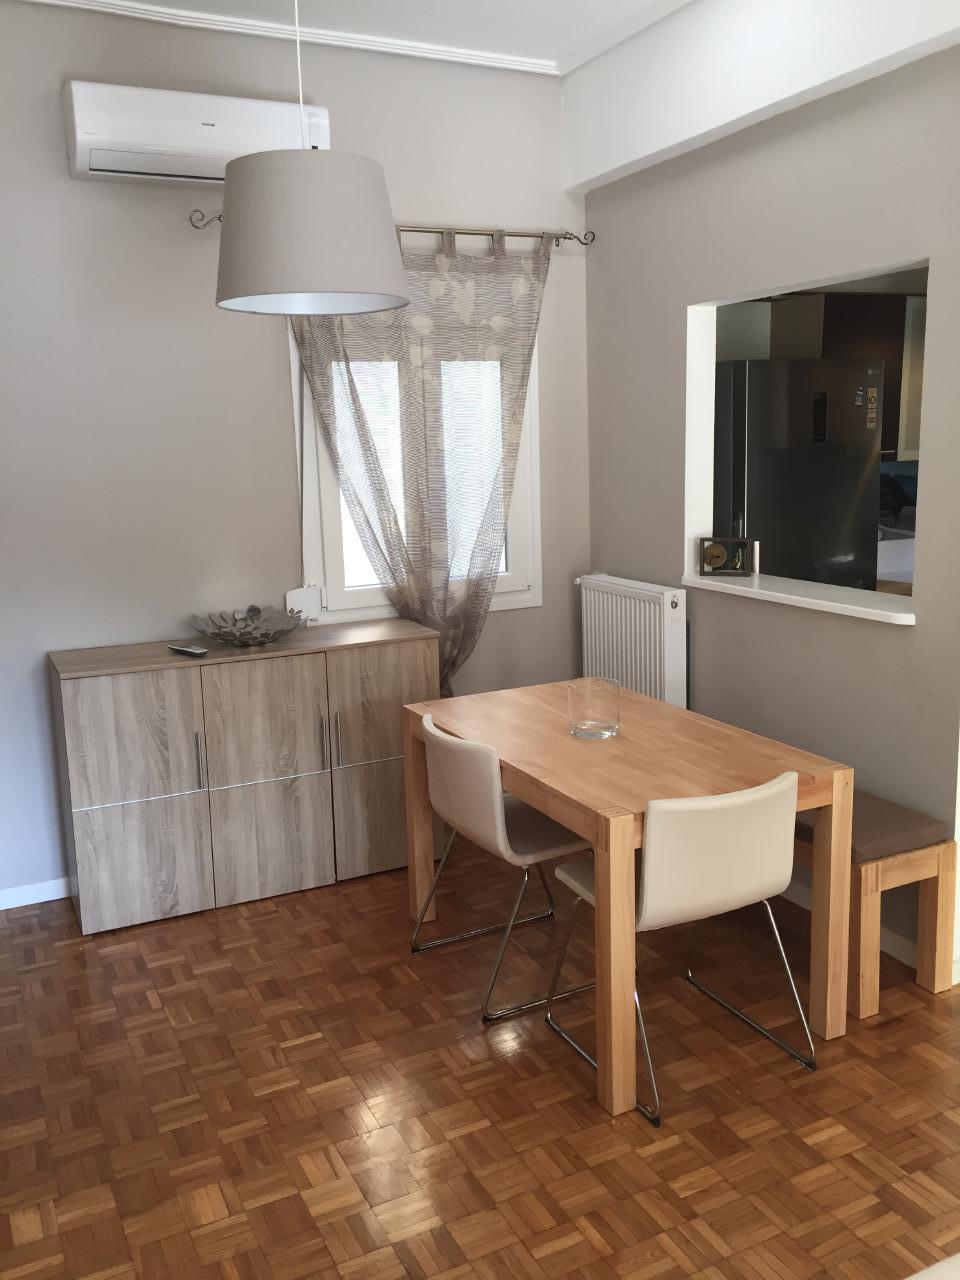 Holiday apartment Varkiza, Athen - Meerblick / 100m vom Meer (639744), Varkiza, , Attica, Greece, picture 6